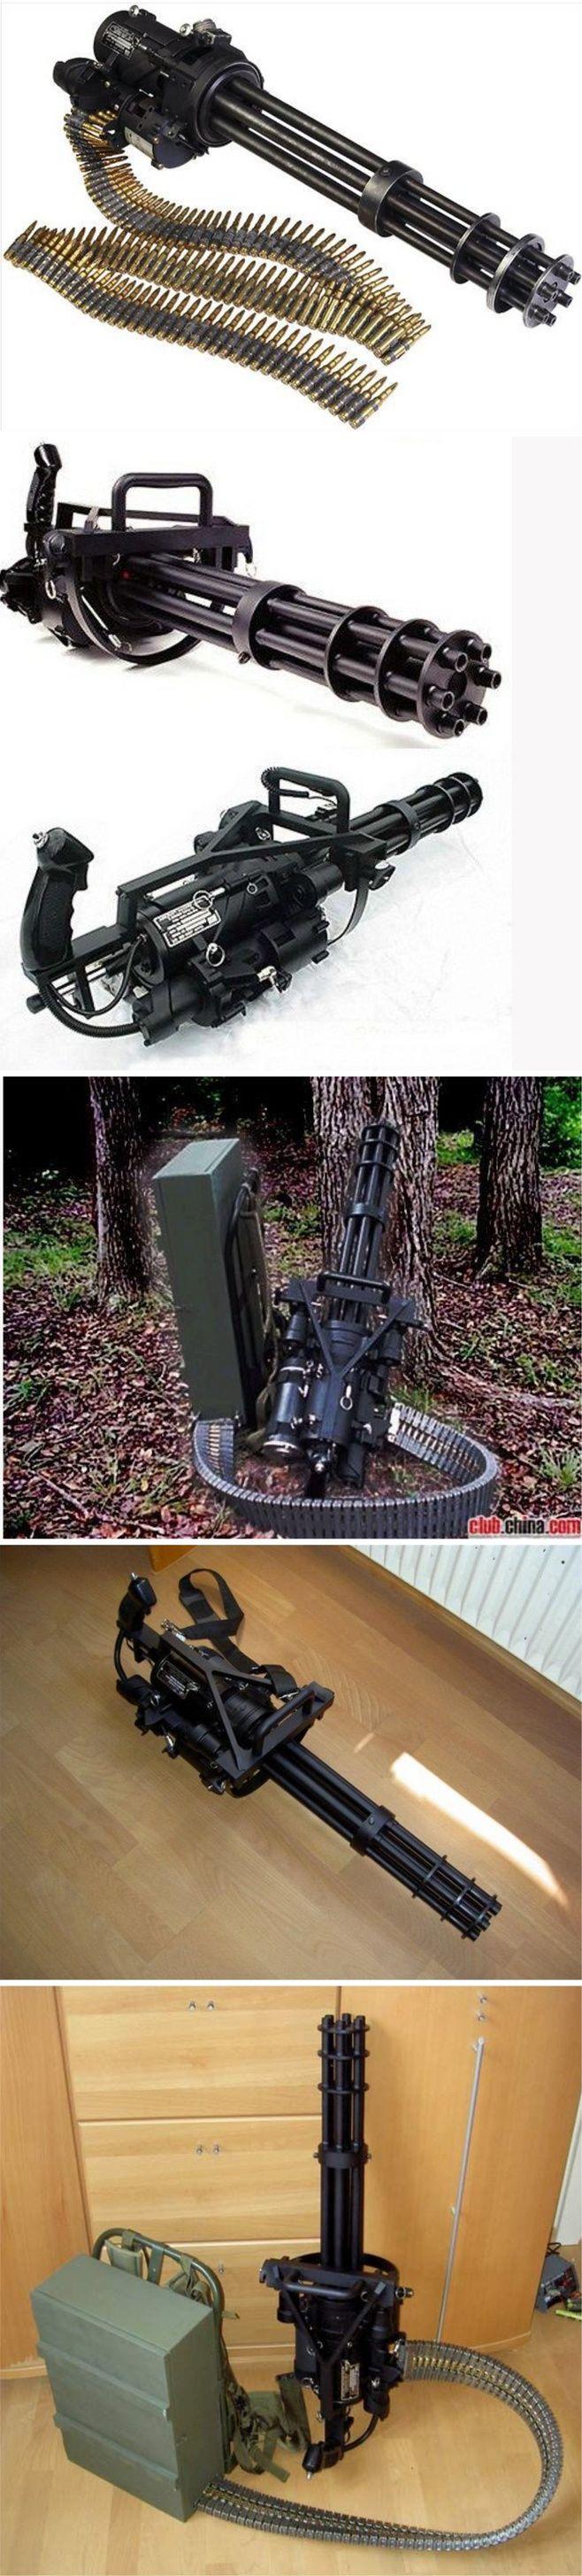 Nome: Unidades de I & D aeronáuticas metralhadora XM214: americano ... More